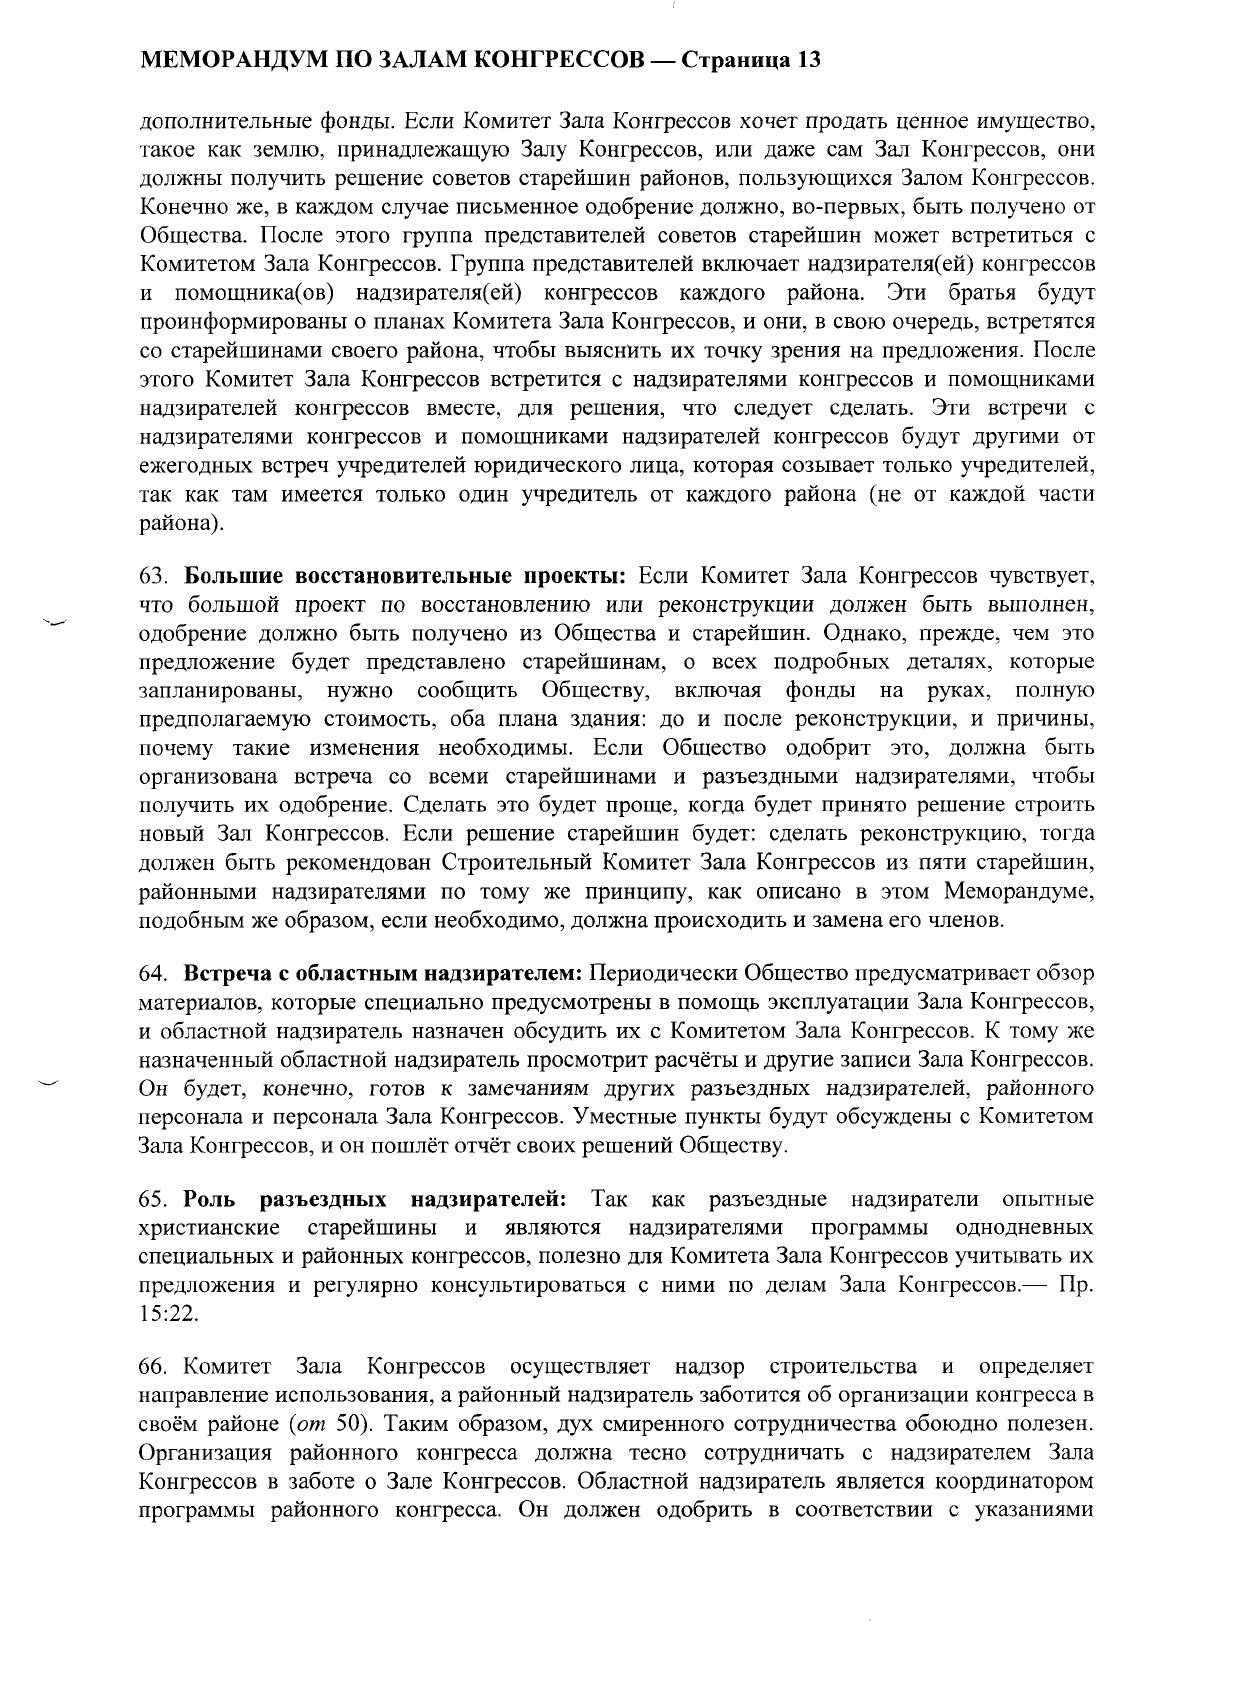 Меморандум по Залам Конгрессов (1997.06.01)_000014